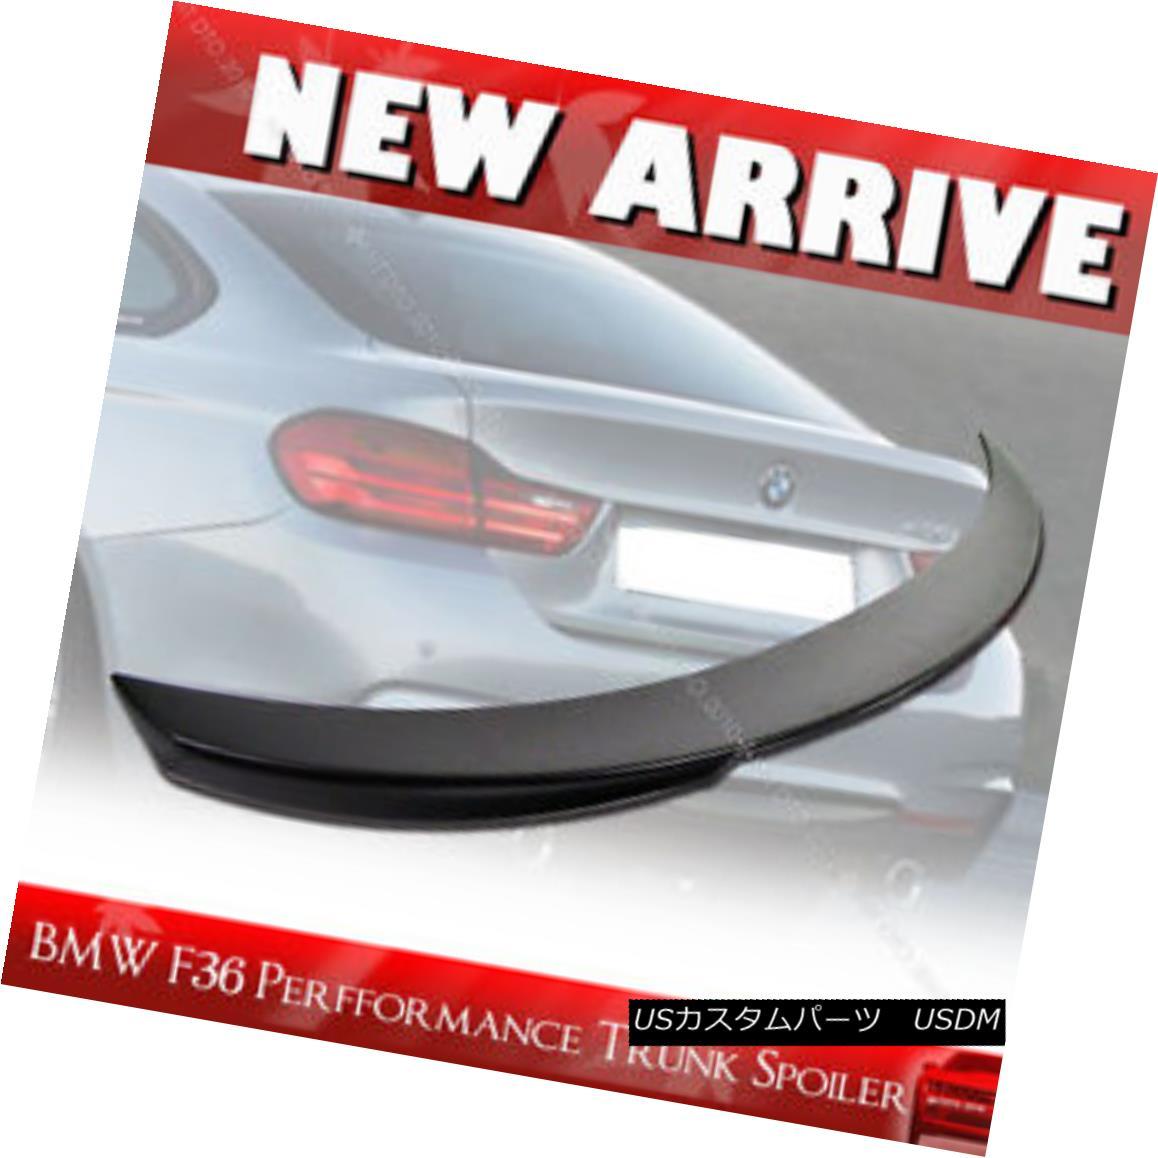 エアロパーツ Unpainted BMW F36 420i 428i Performance P Type Rear Boot Trunk Spoiler Wing 未塗装のBMW F36 420i 428iパフォーマンスPタイプリア・ブート・トランク・スポイラー・ウィング